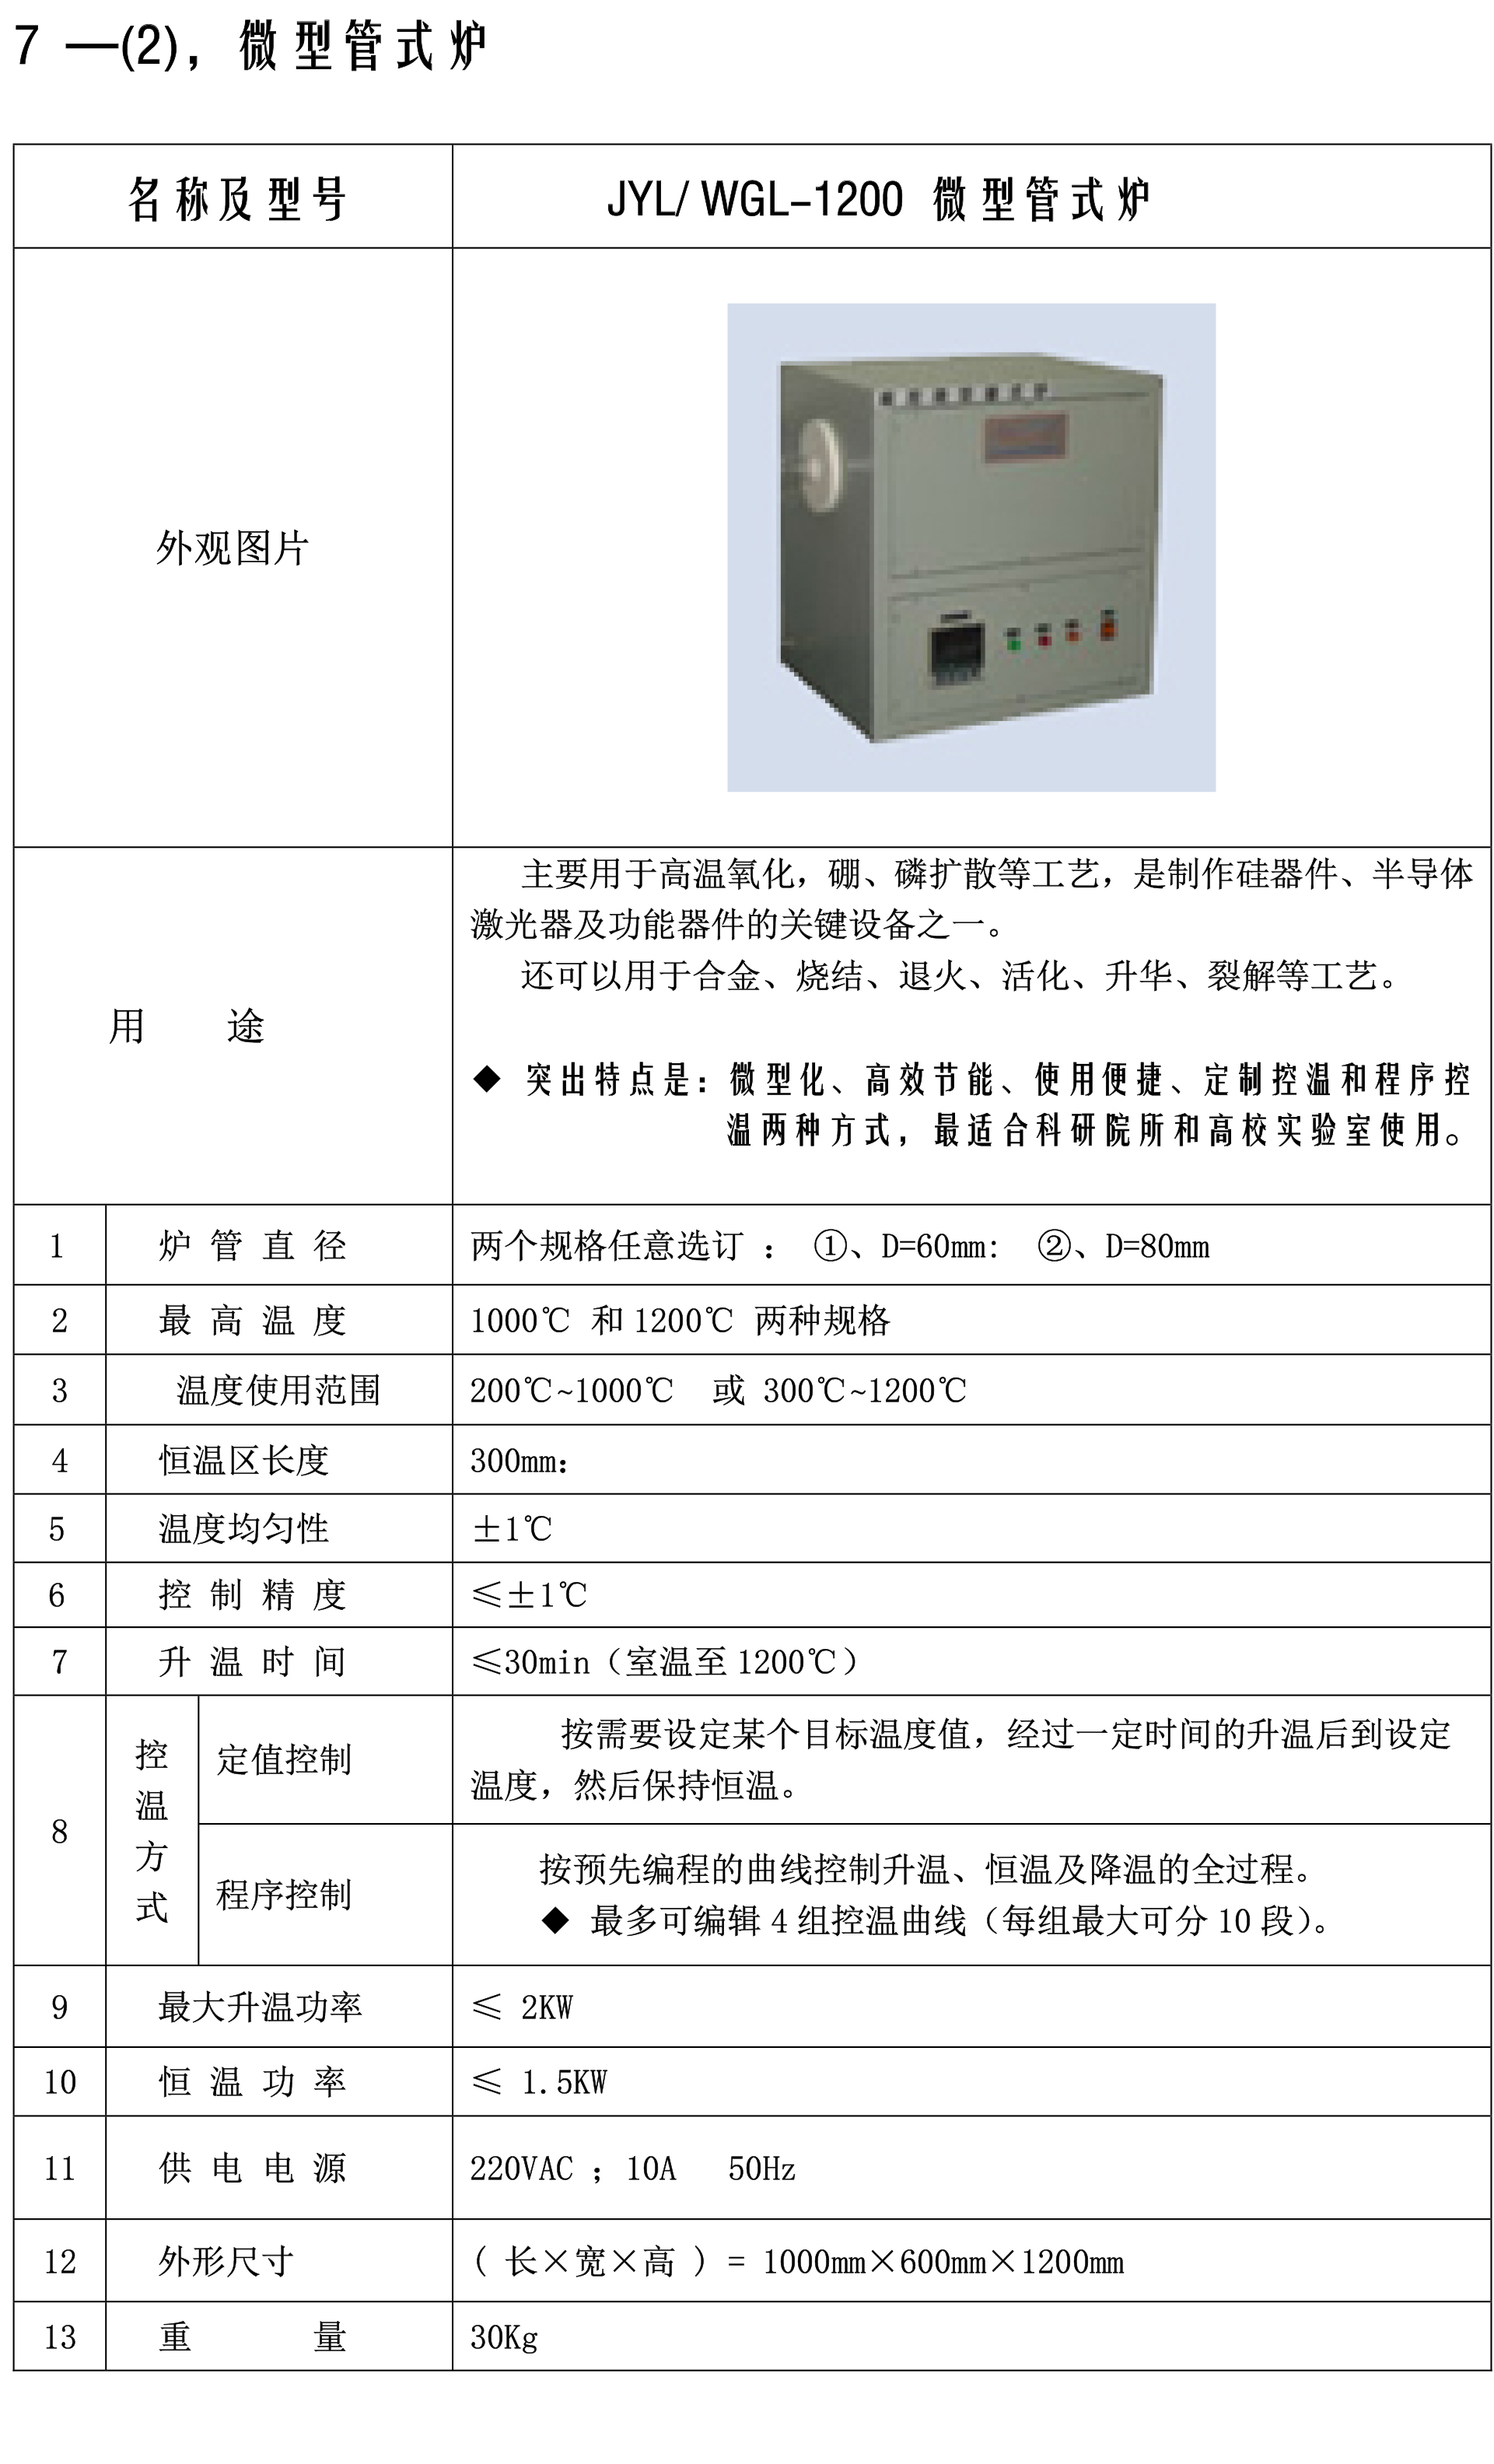 网站产品参数图片-007微型管式炉